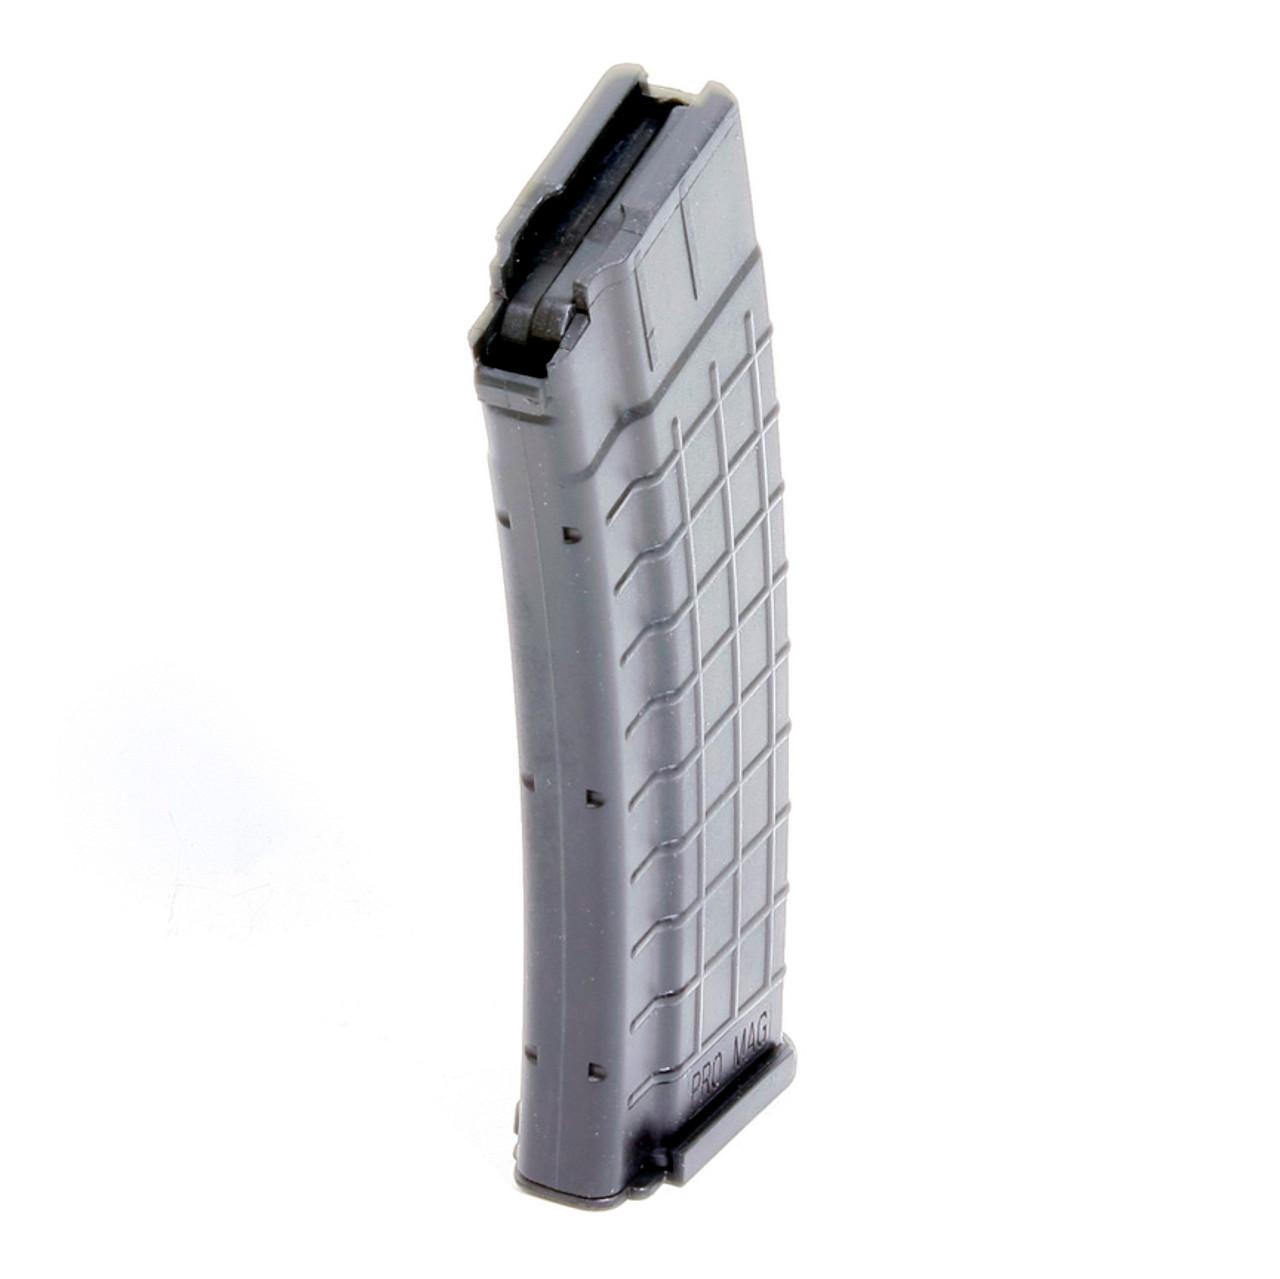 AK-223 (WASR®-3) .223 (30) Rd - Black Polymer